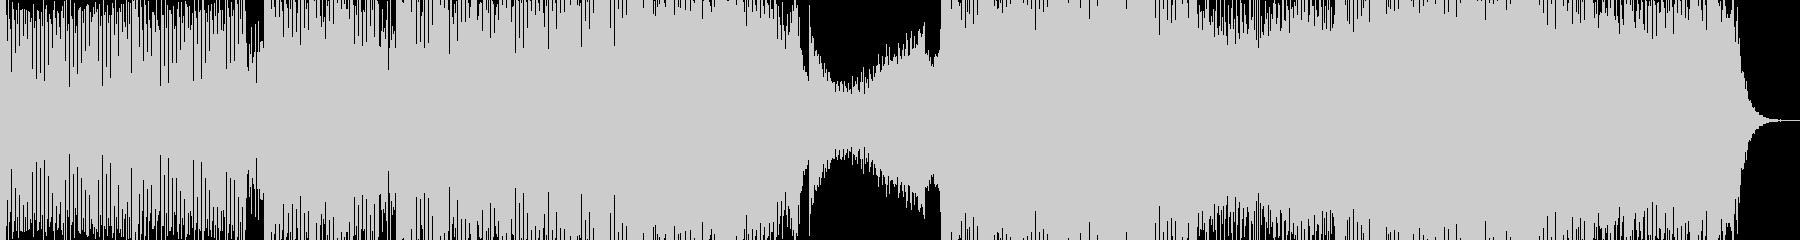 【トランス】エネルギッシュさ・高揚感の未再生の波形